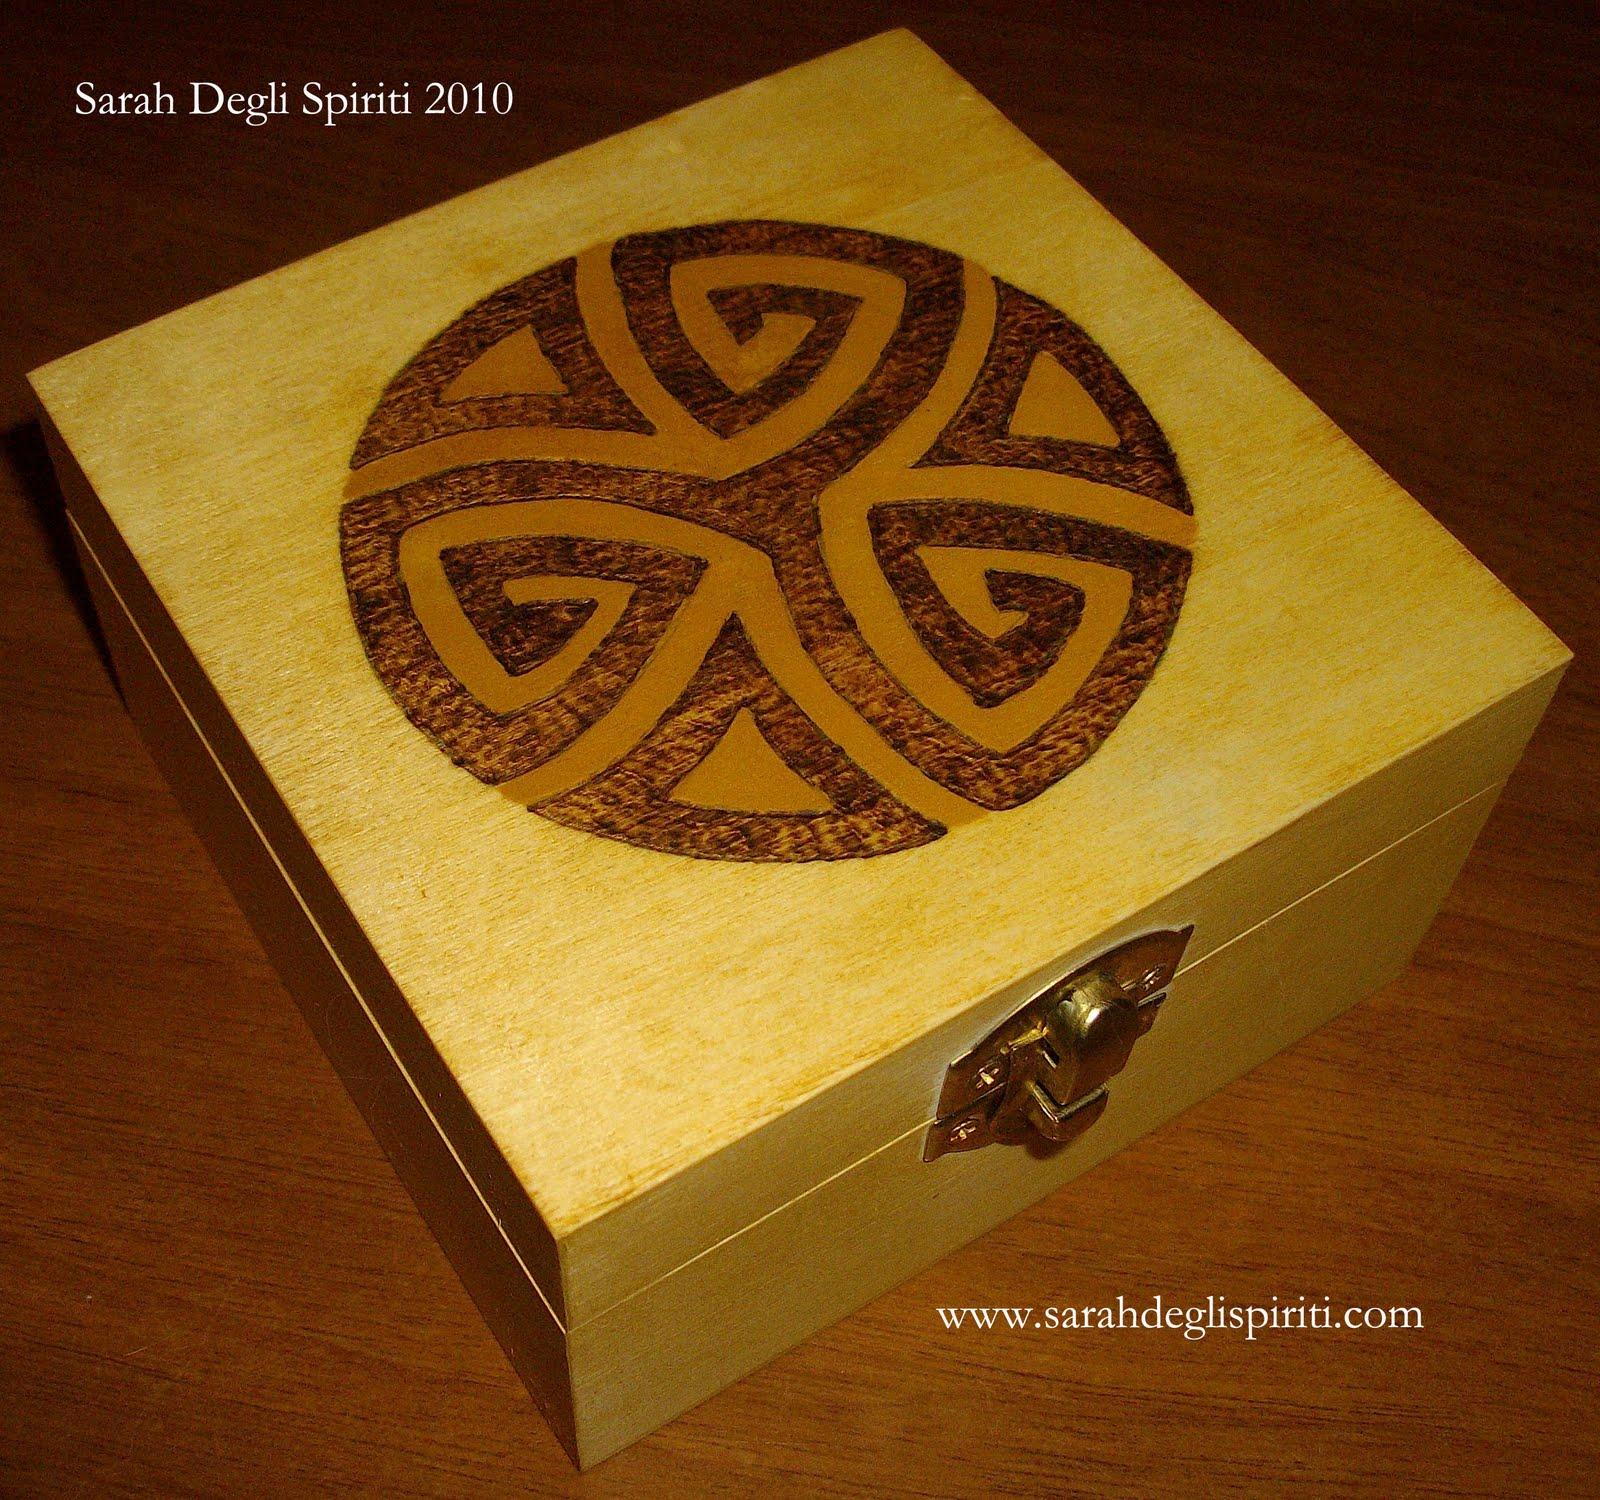 Scatola con decoro di ispirazione celtica